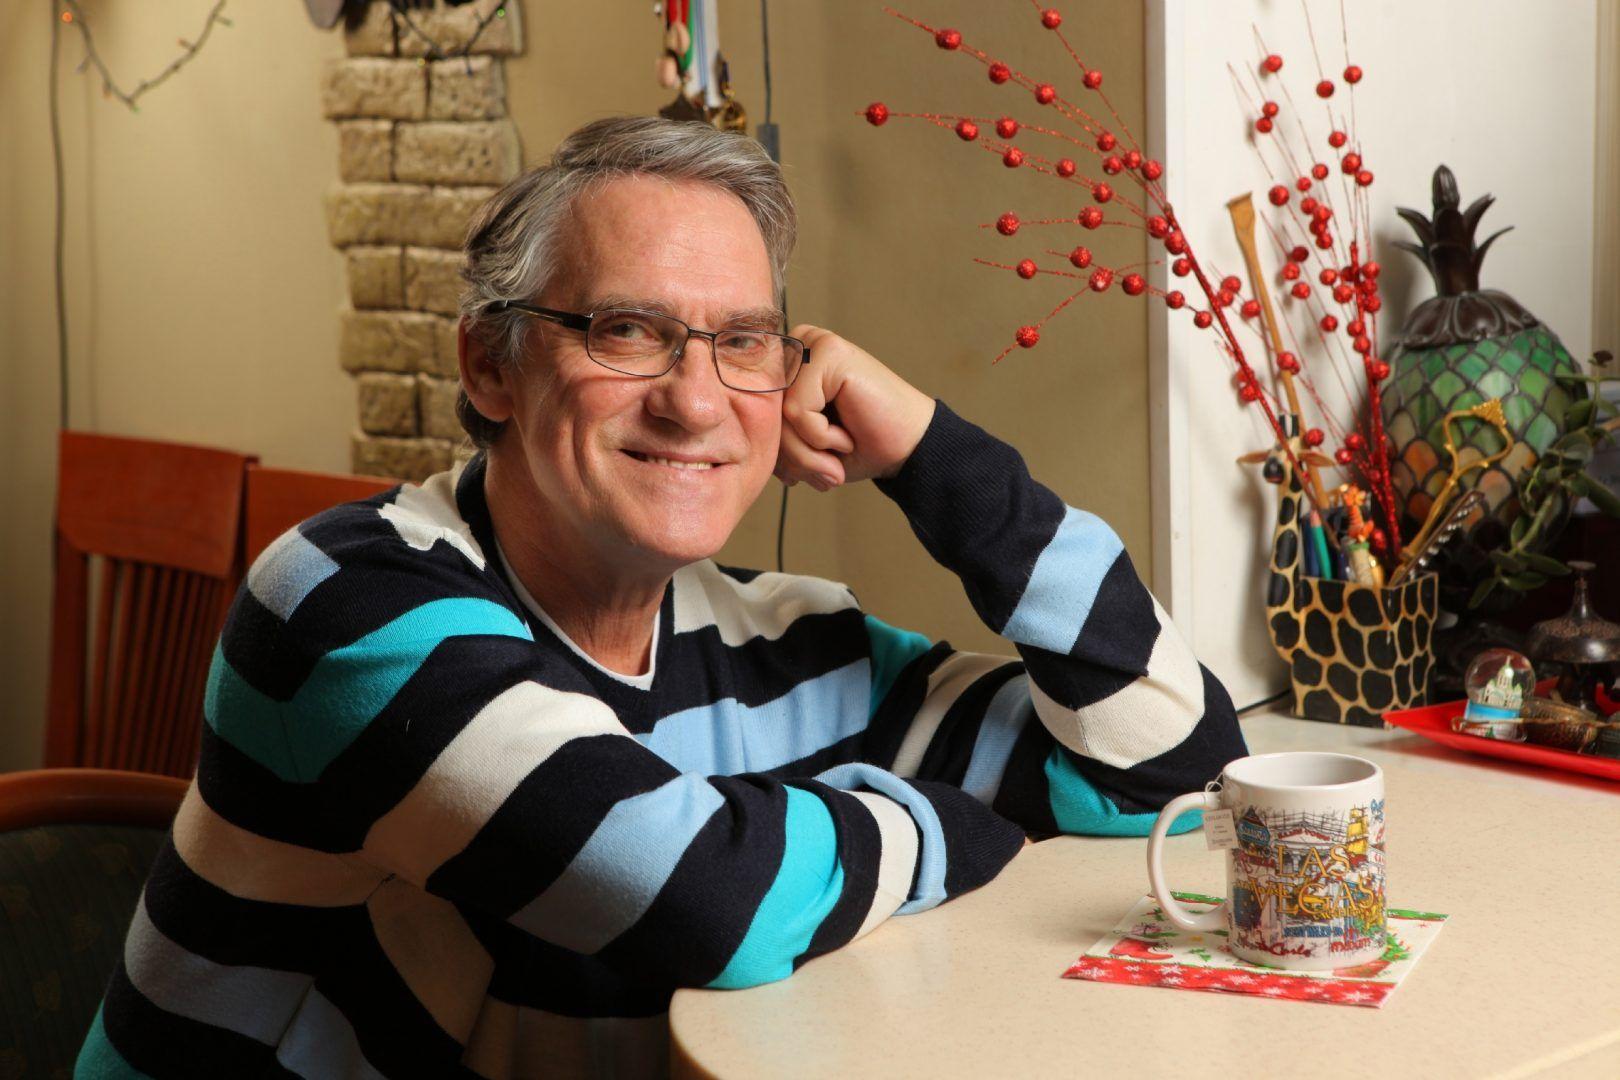 Валерий Гаркалин. Фото: PHOTOXPRESS